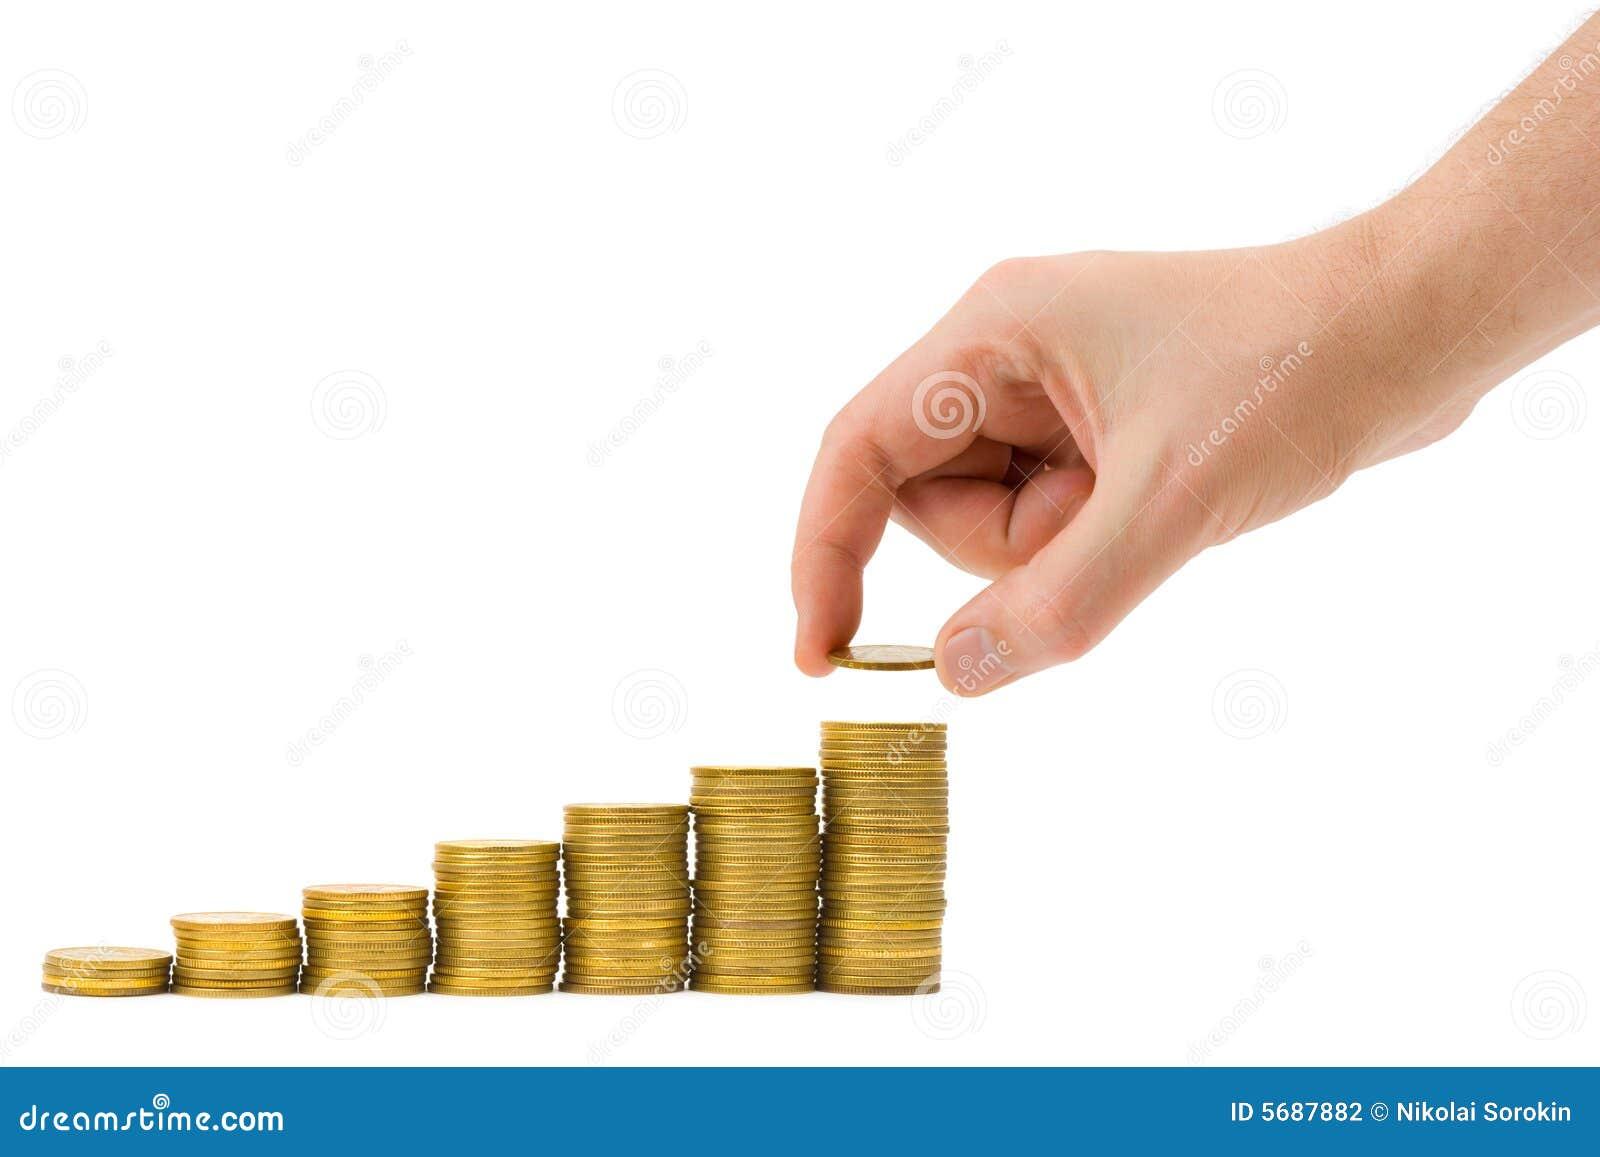 La mano puso la moneda a la escalera del dinero